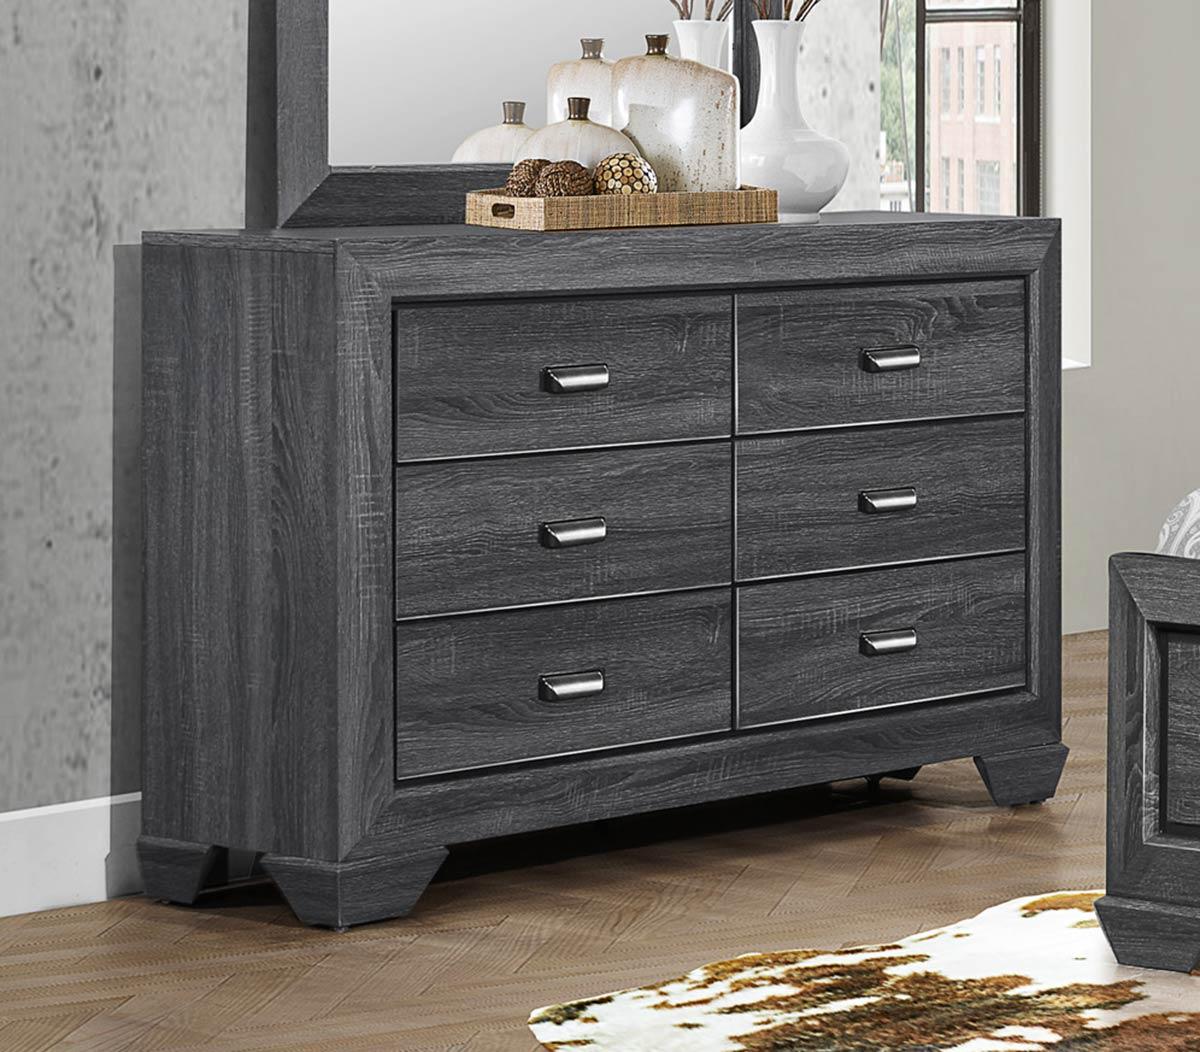 Homelegance Beechnut Dresser - Gray